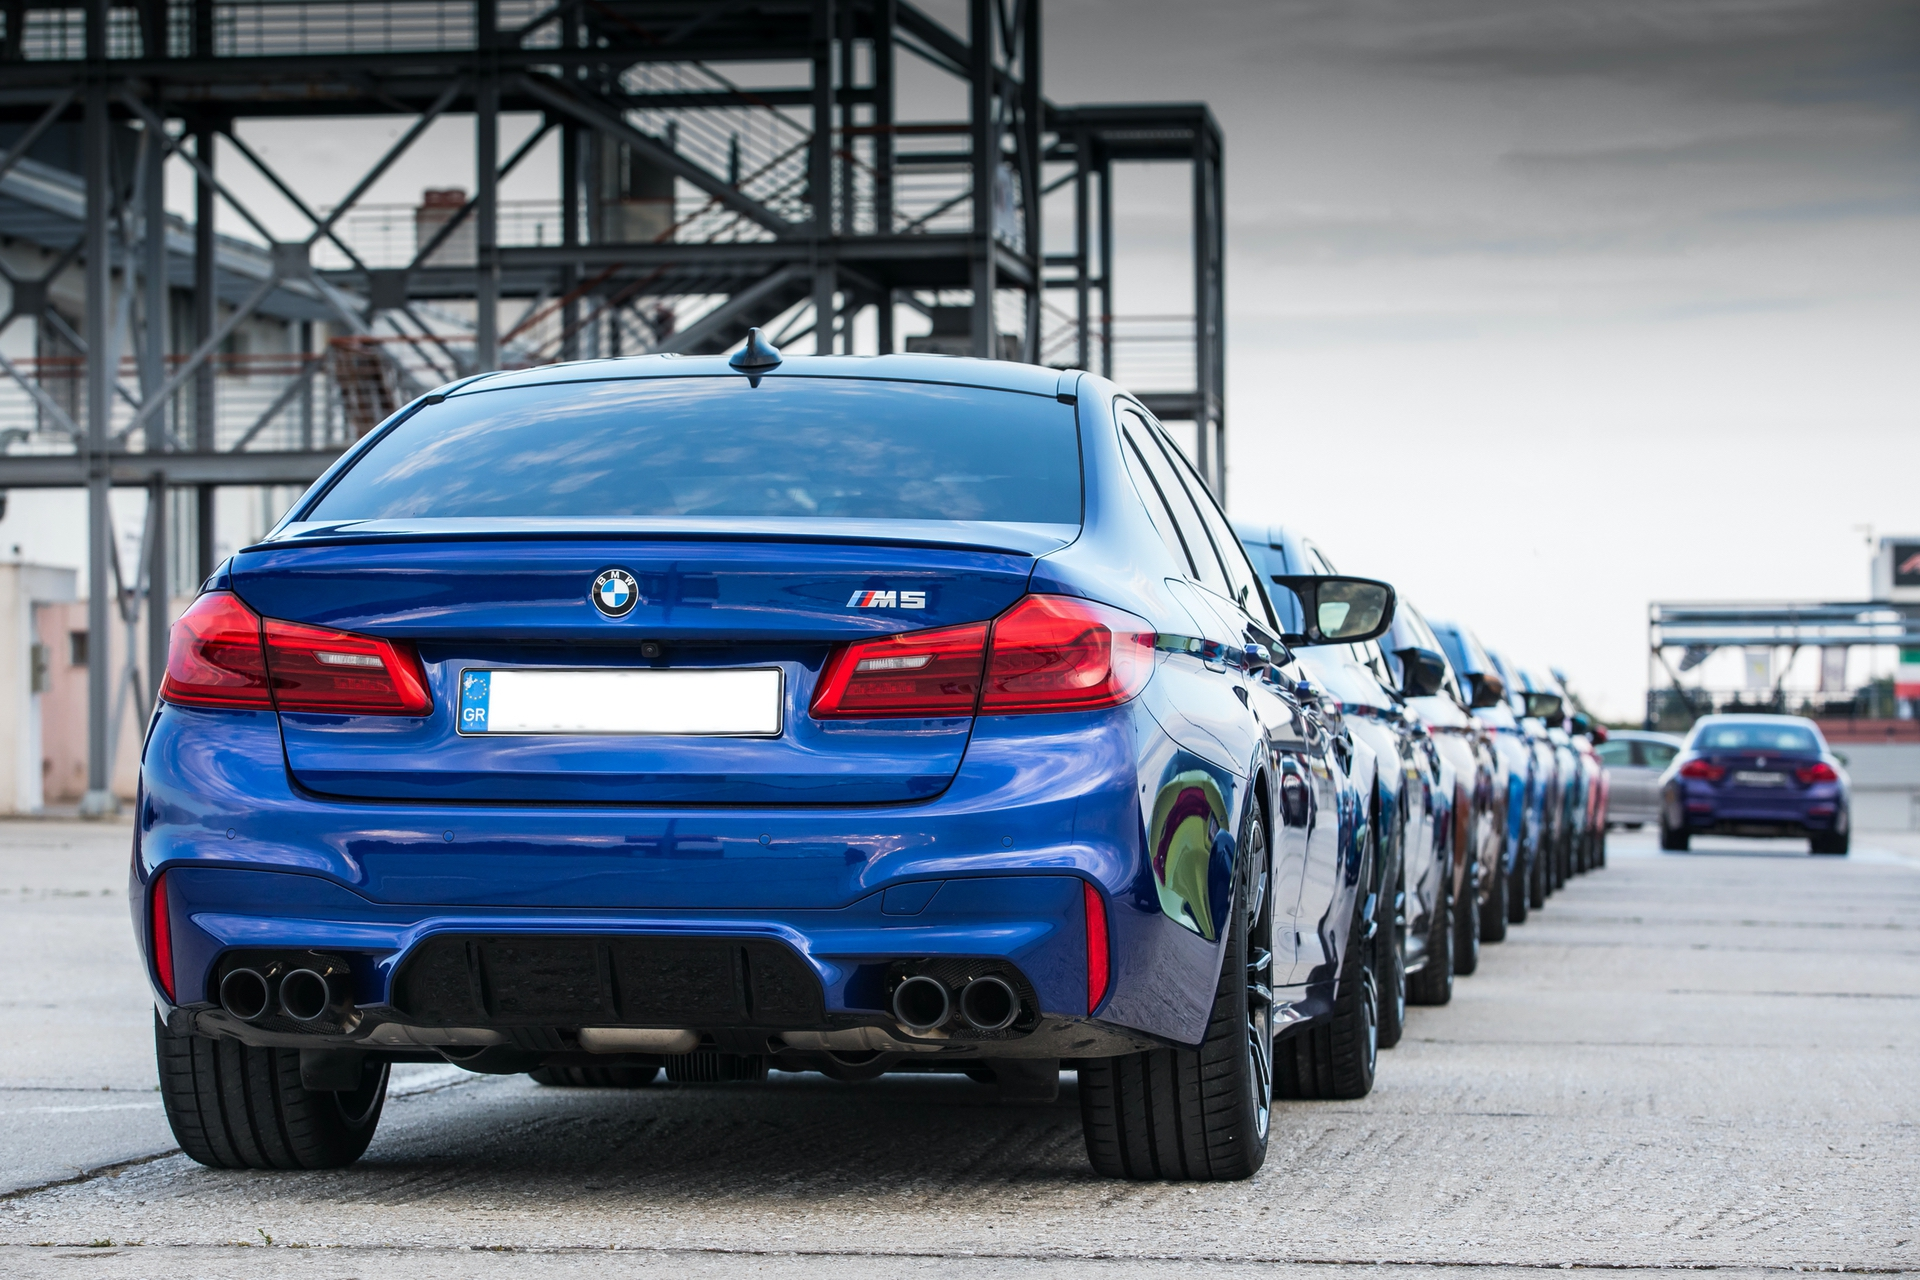 BMW_M5_greek_presskit_0020